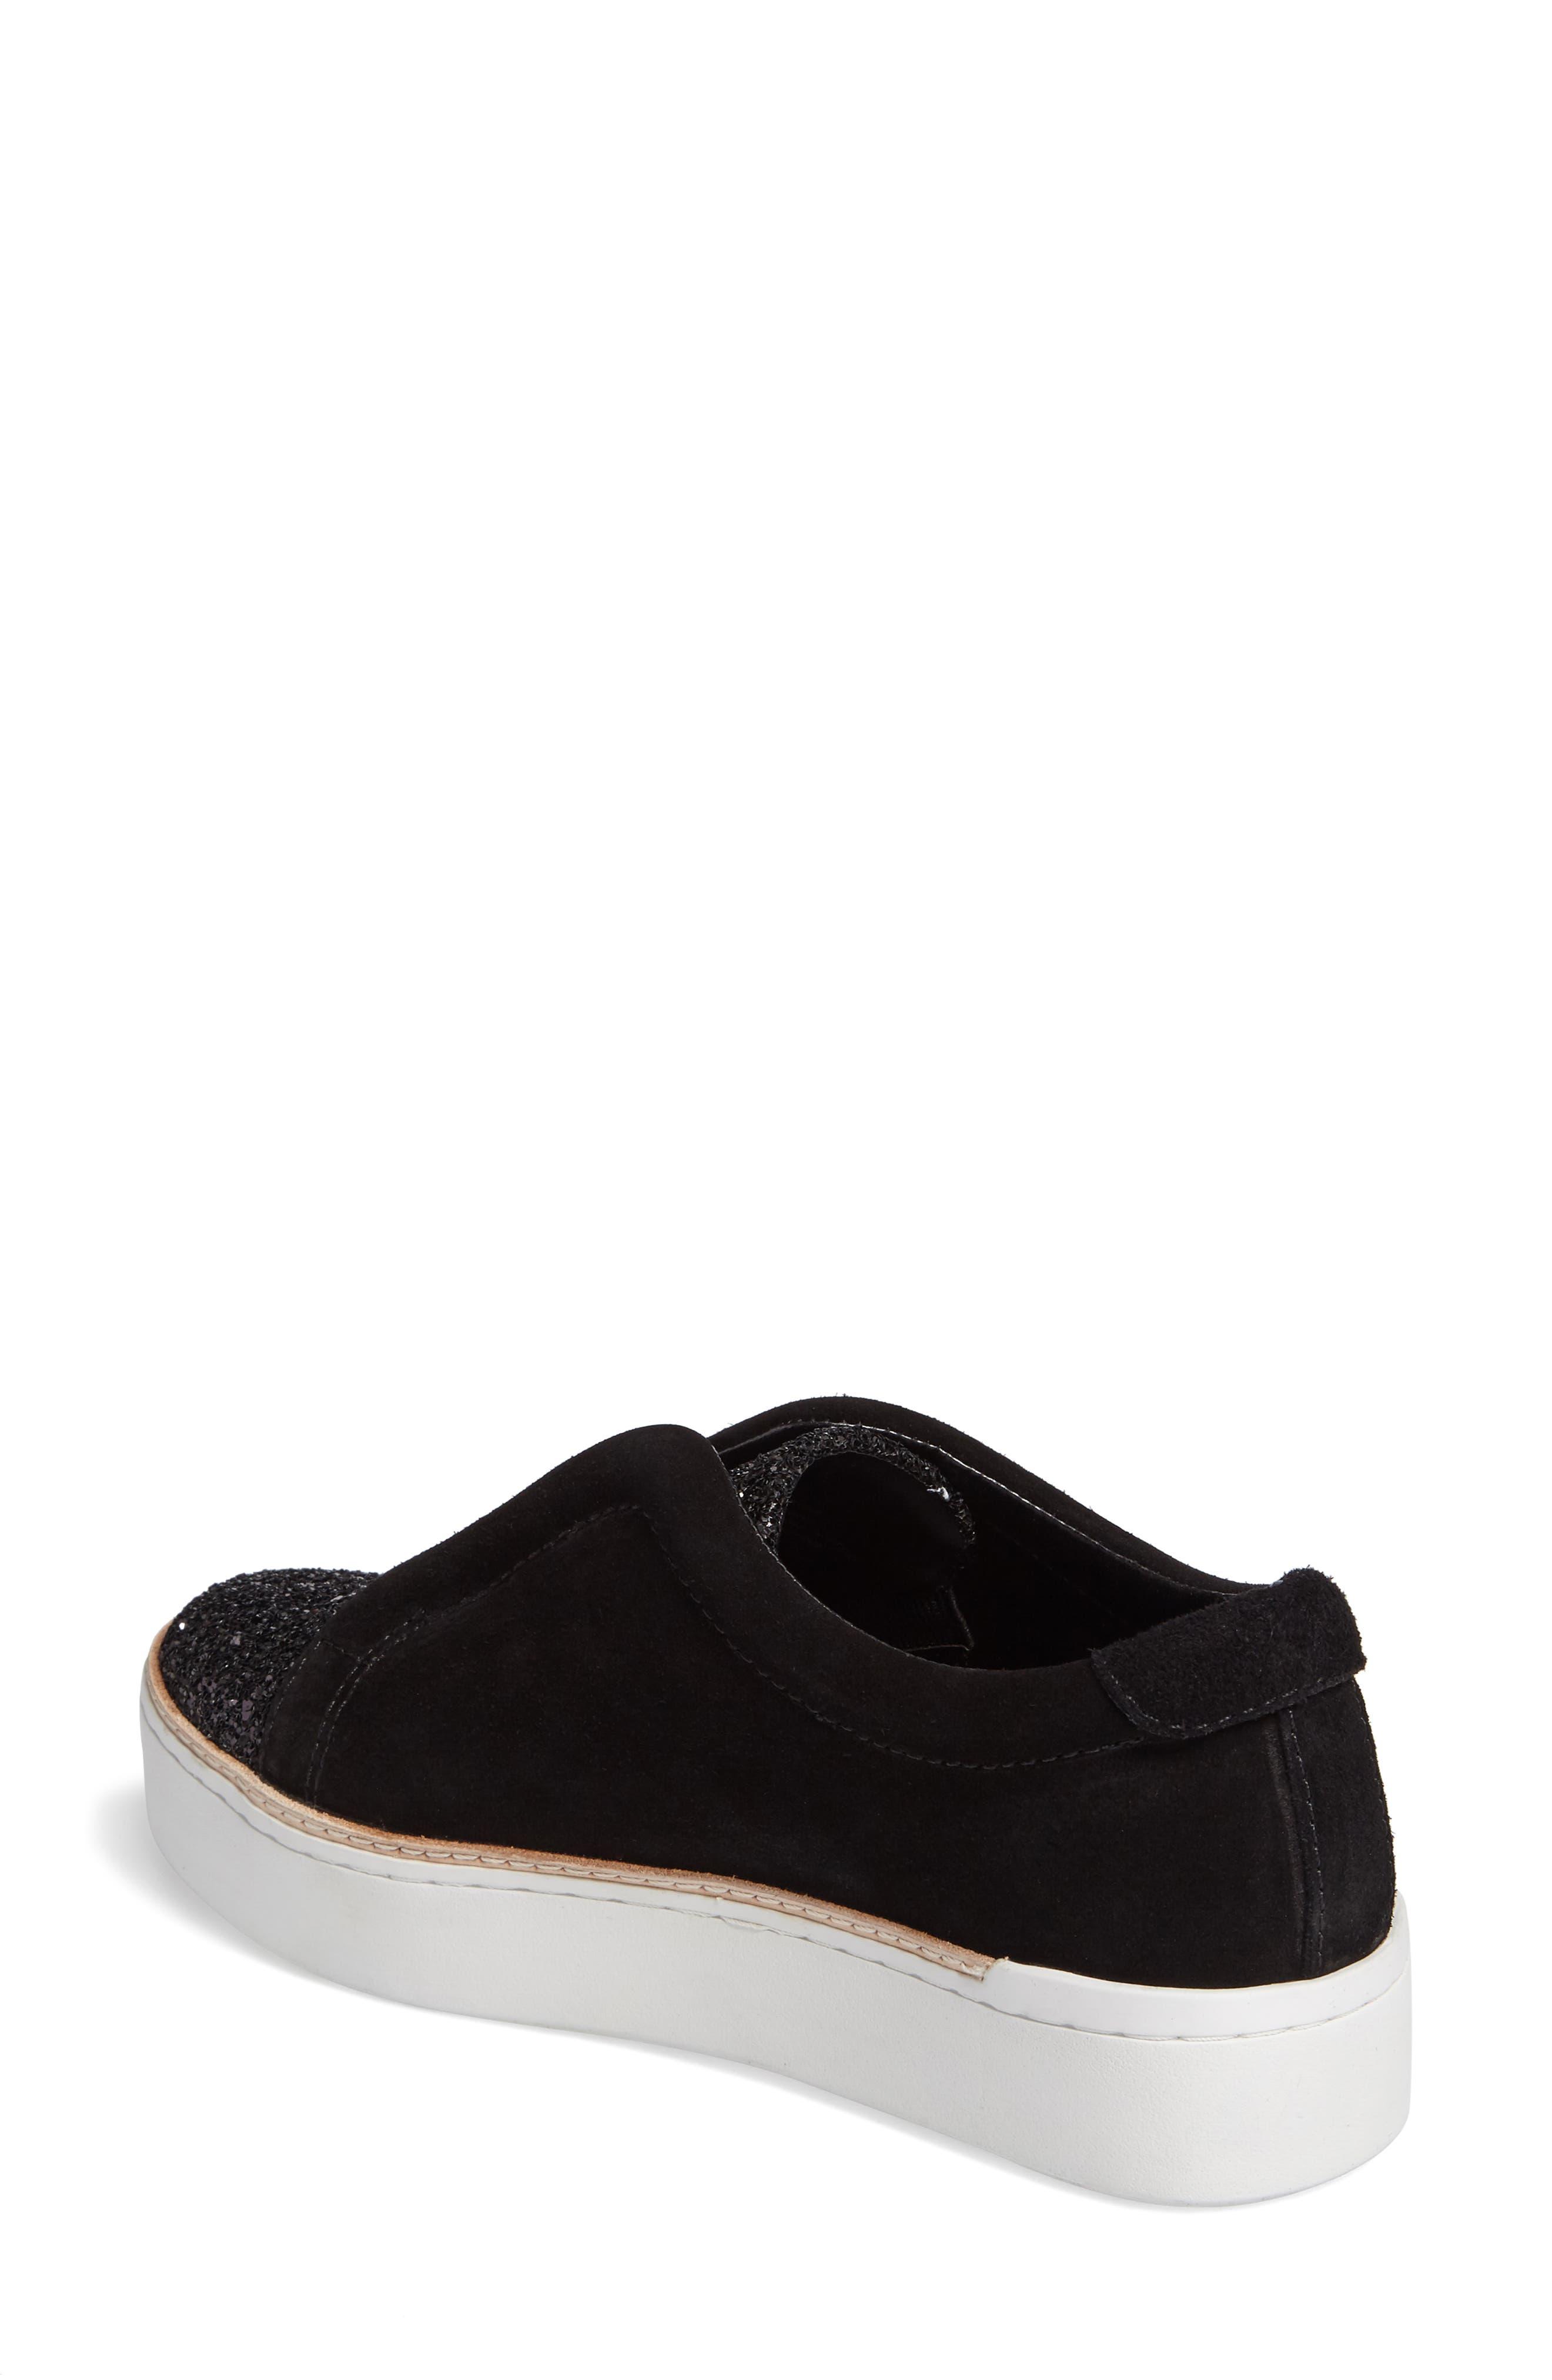 M4D3,                             Super Slip-On Sneaker,                             Alternate thumbnail 2, color,                             BLACK GLITTER LEATHER